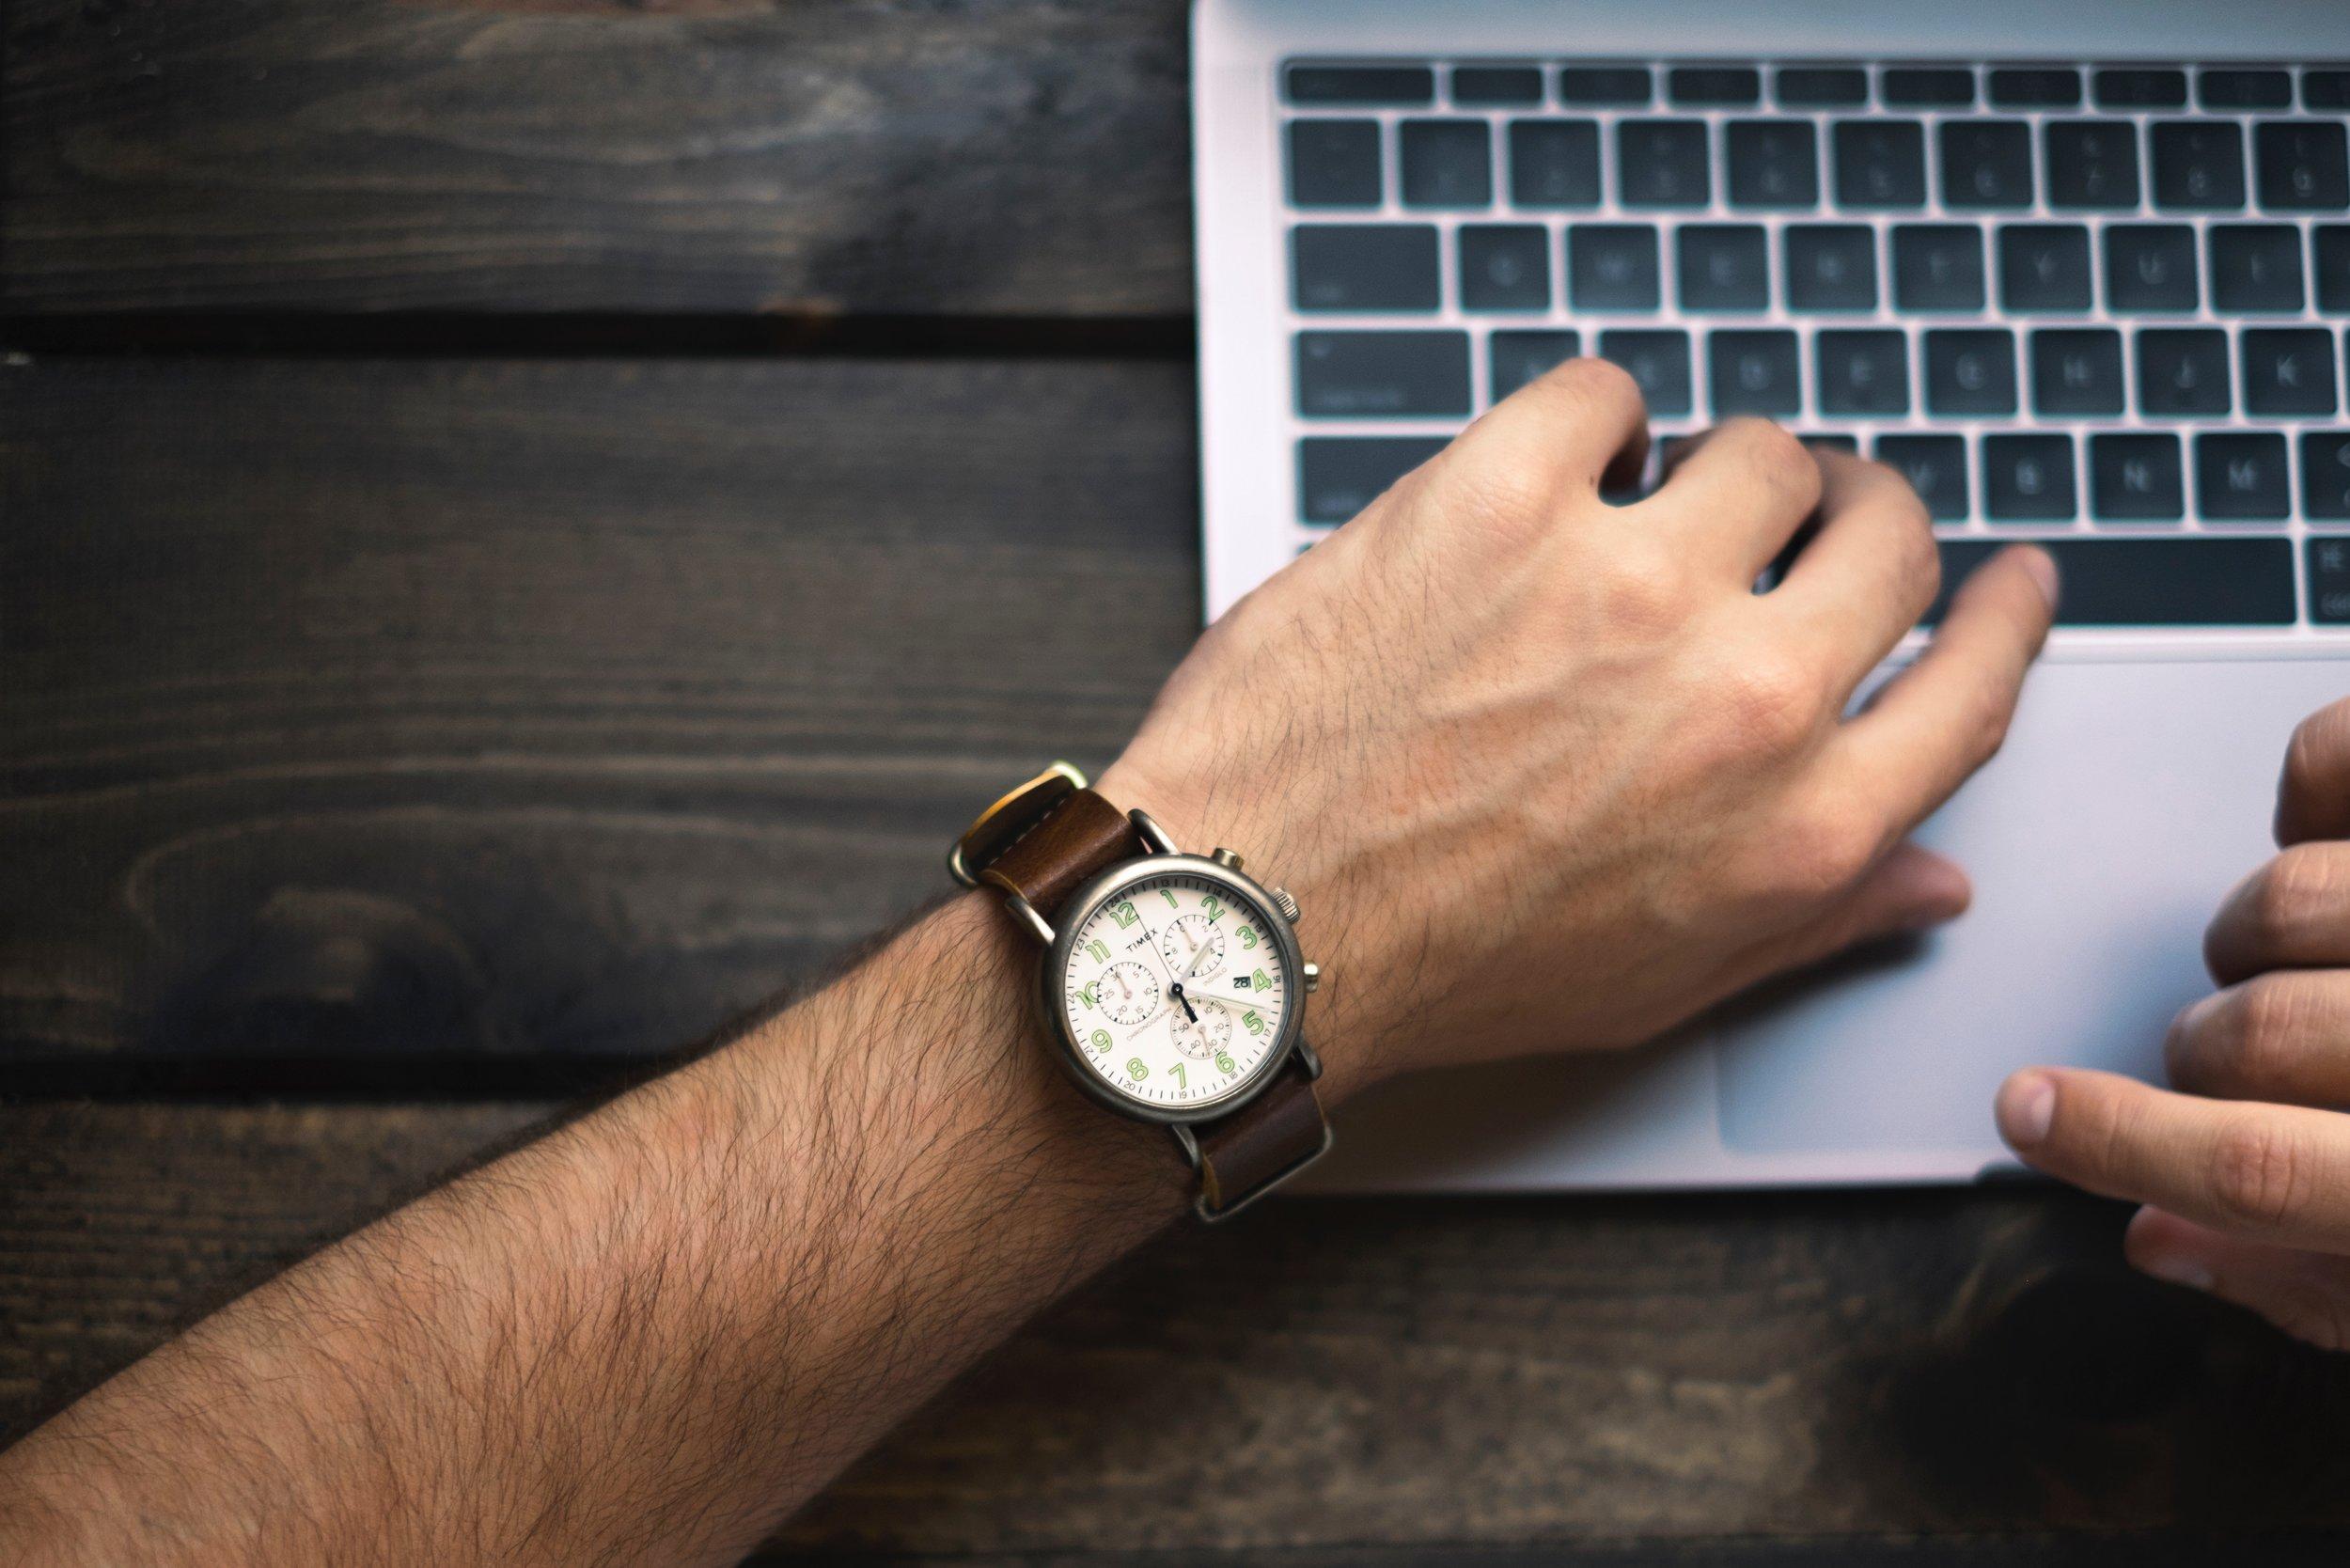 social-media-manager-time-management.jpg